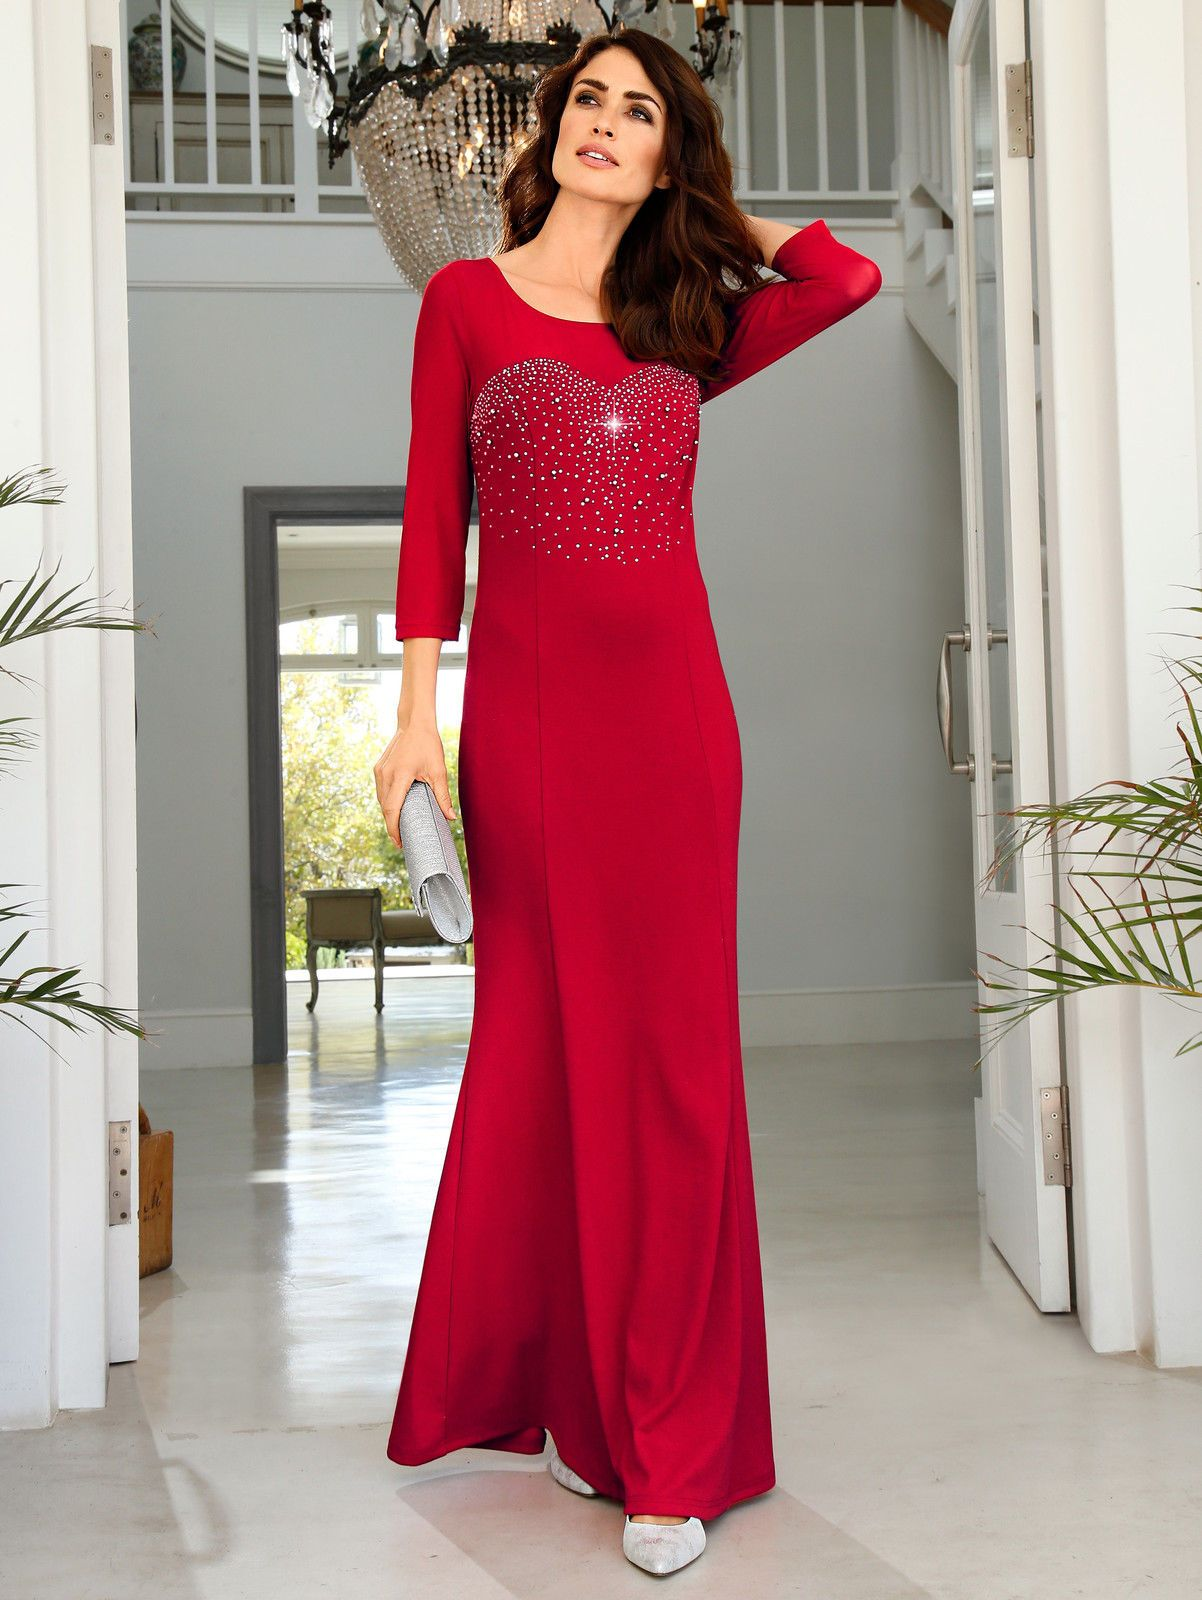 KLiNGEL RundhalsUniFestlich Abendkleid aus Jerseyqualität Neu in